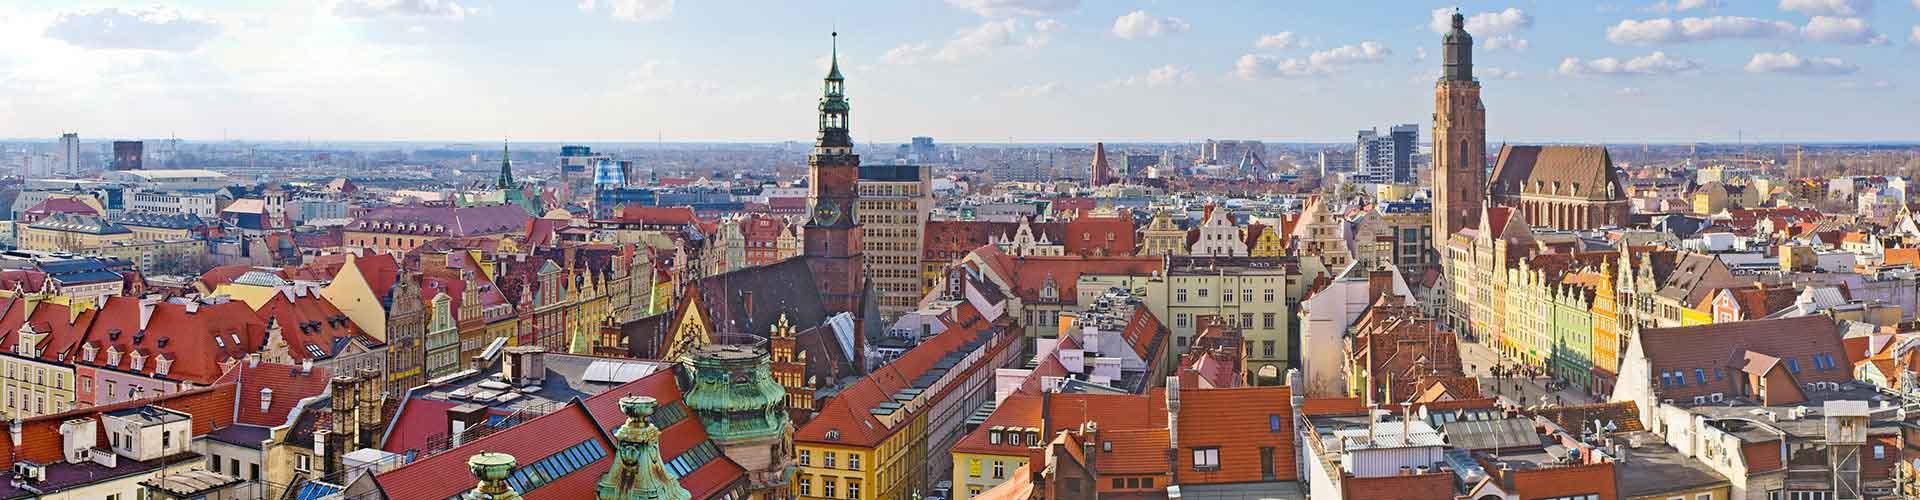 Wroclaw - Ifjúsági Szállások Wroclaw. Wroclaw térképek, fotók és ajánlások minden egyes Ifjúsági Szállások: Wroclaw.